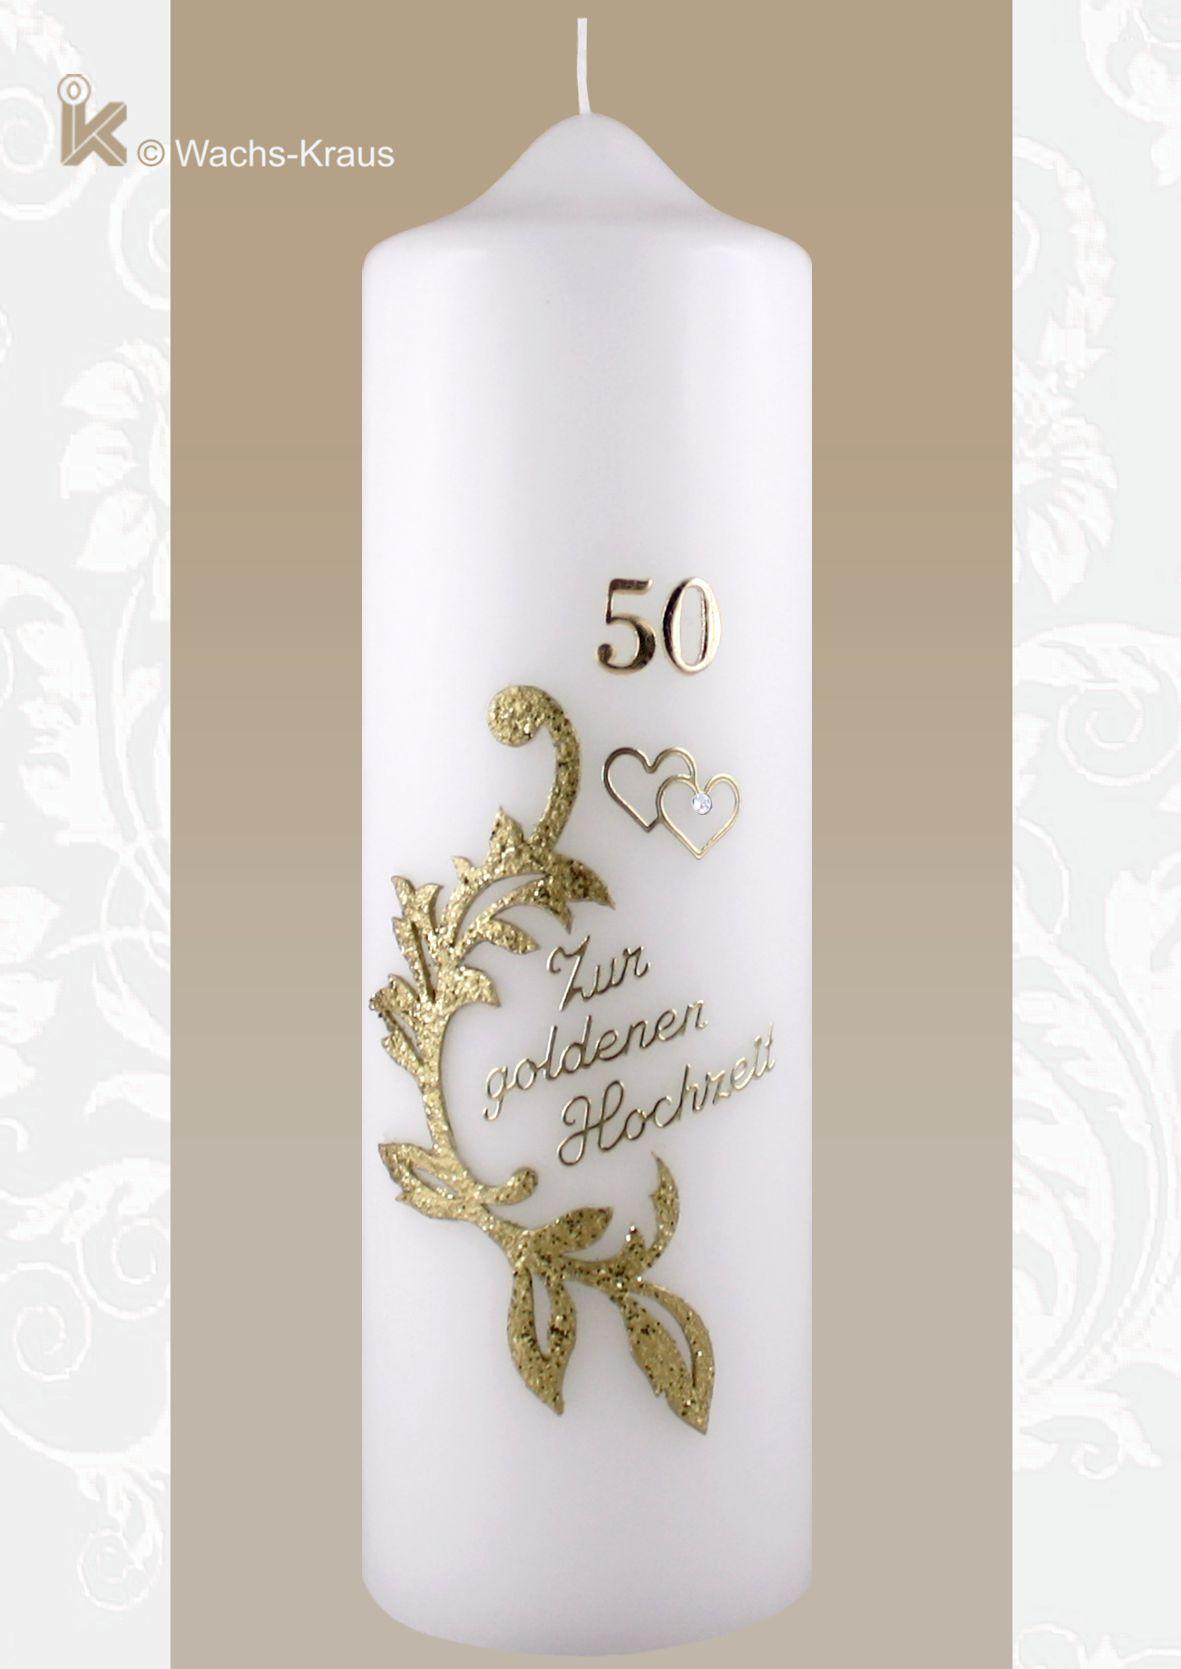 Kerze zur Goldenen Hochzeit, geschmackvoll,  günstig und schön